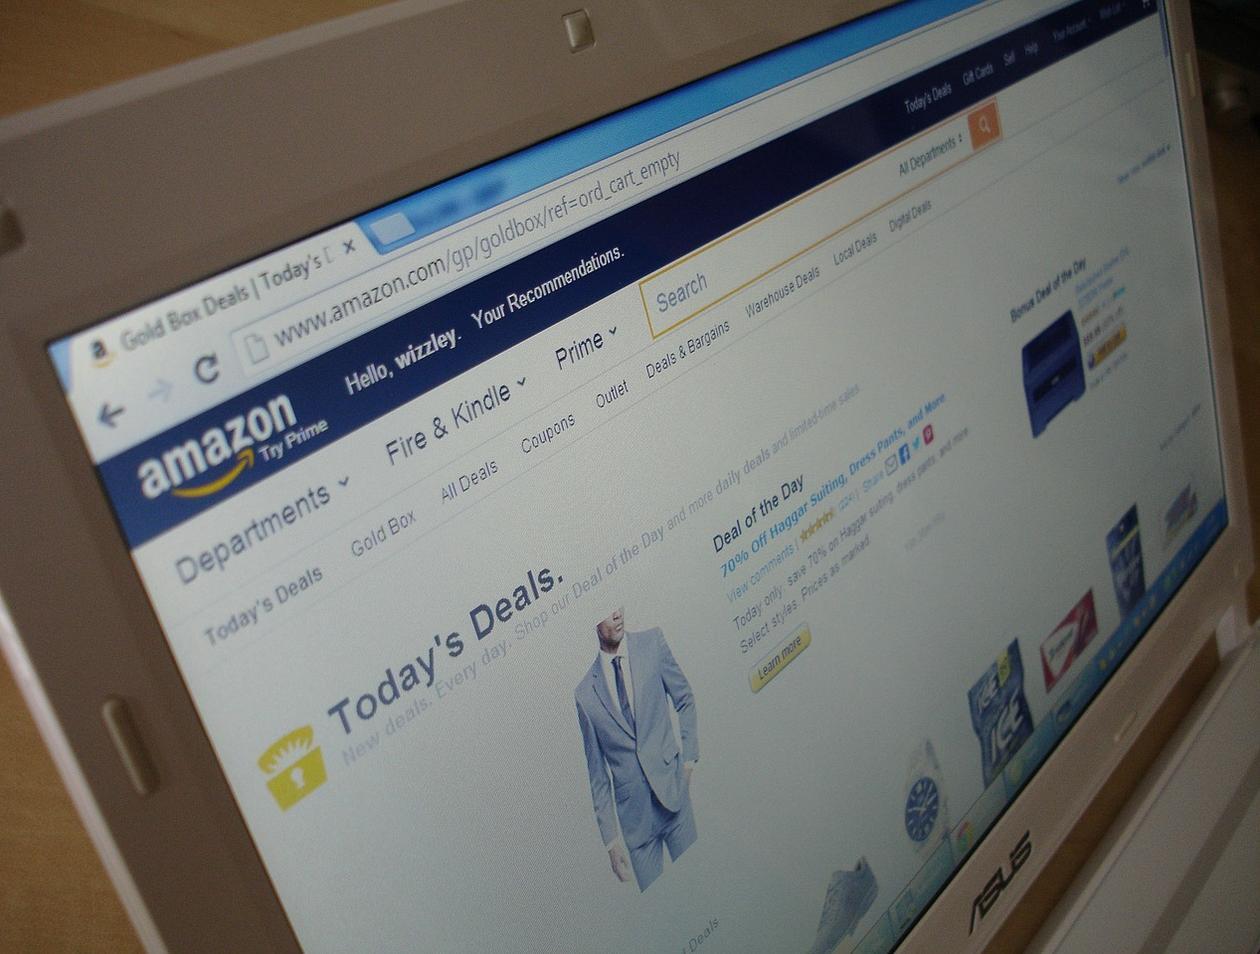 1ca8581dc6 Amazon Prime Day 2019: Schnäppchen im Minutentakt - so sparen Sie bis zu 50  Prozent | Geld